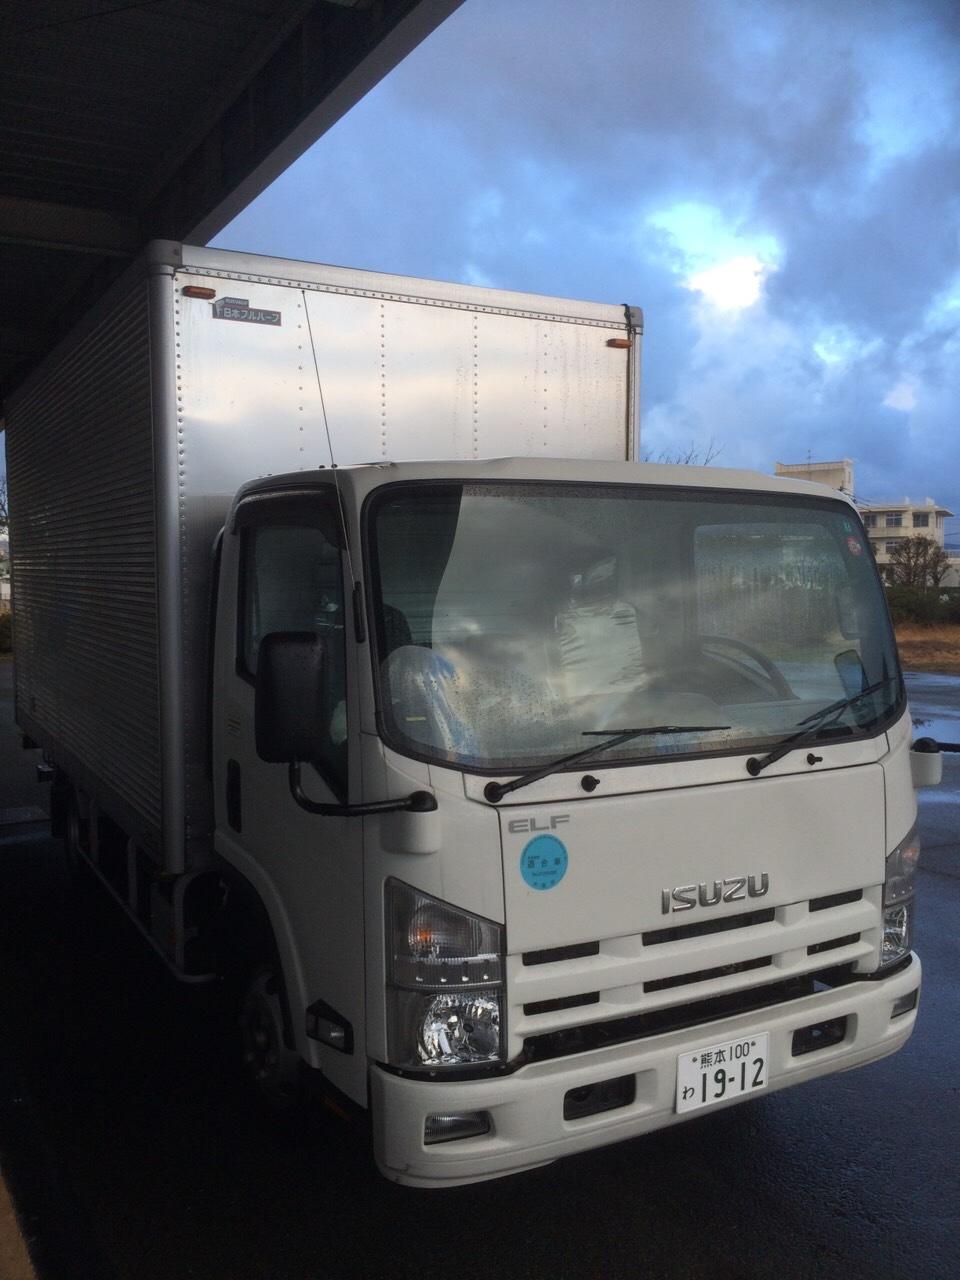 新車のトラックがもうすぐ来ます!_e0184224_09065123.jpg